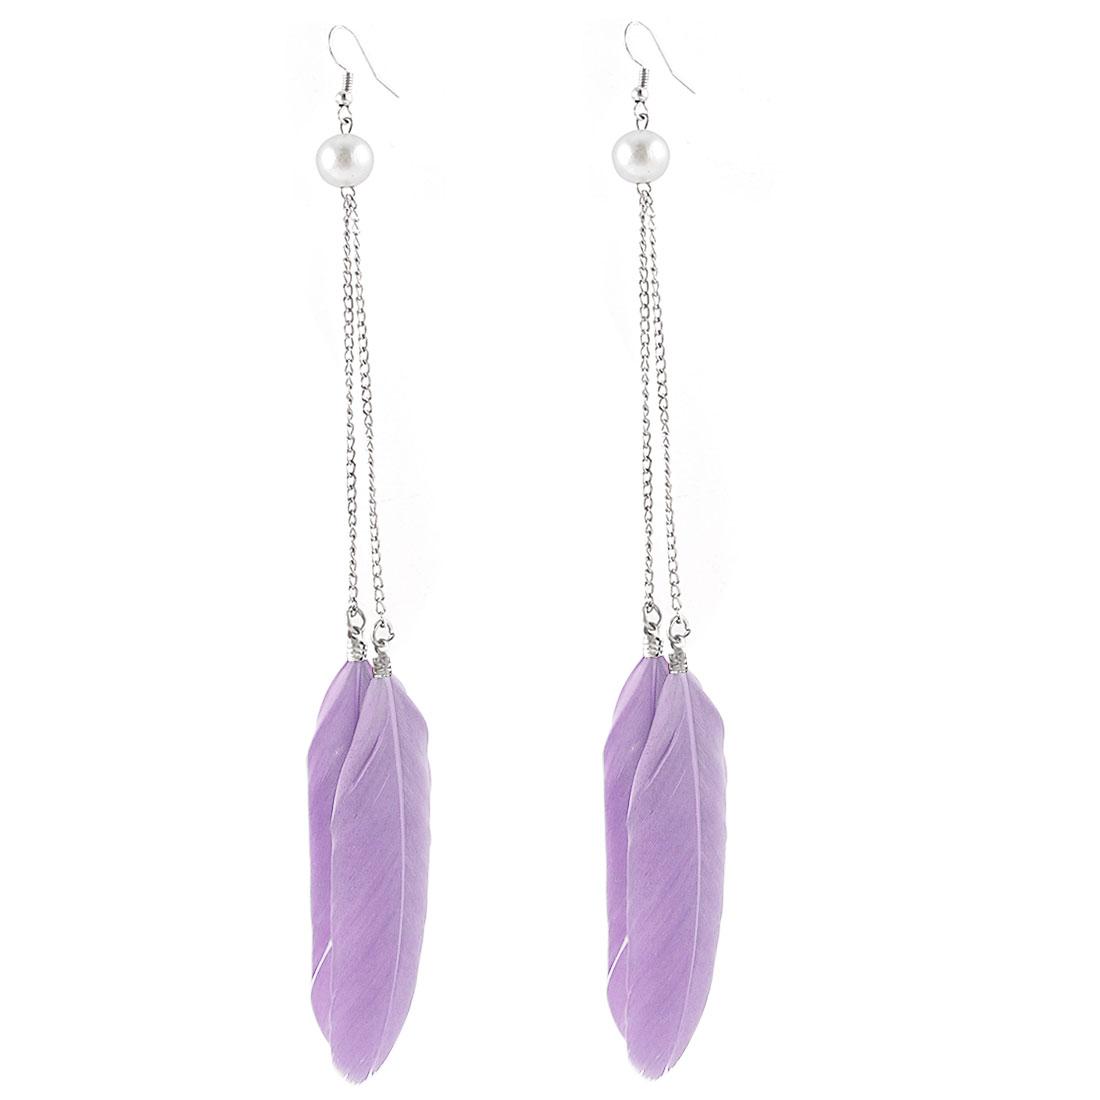 Long Chain Beaded Faux Feather Detail Fish Hook Earrings Eardrop Pair Purple